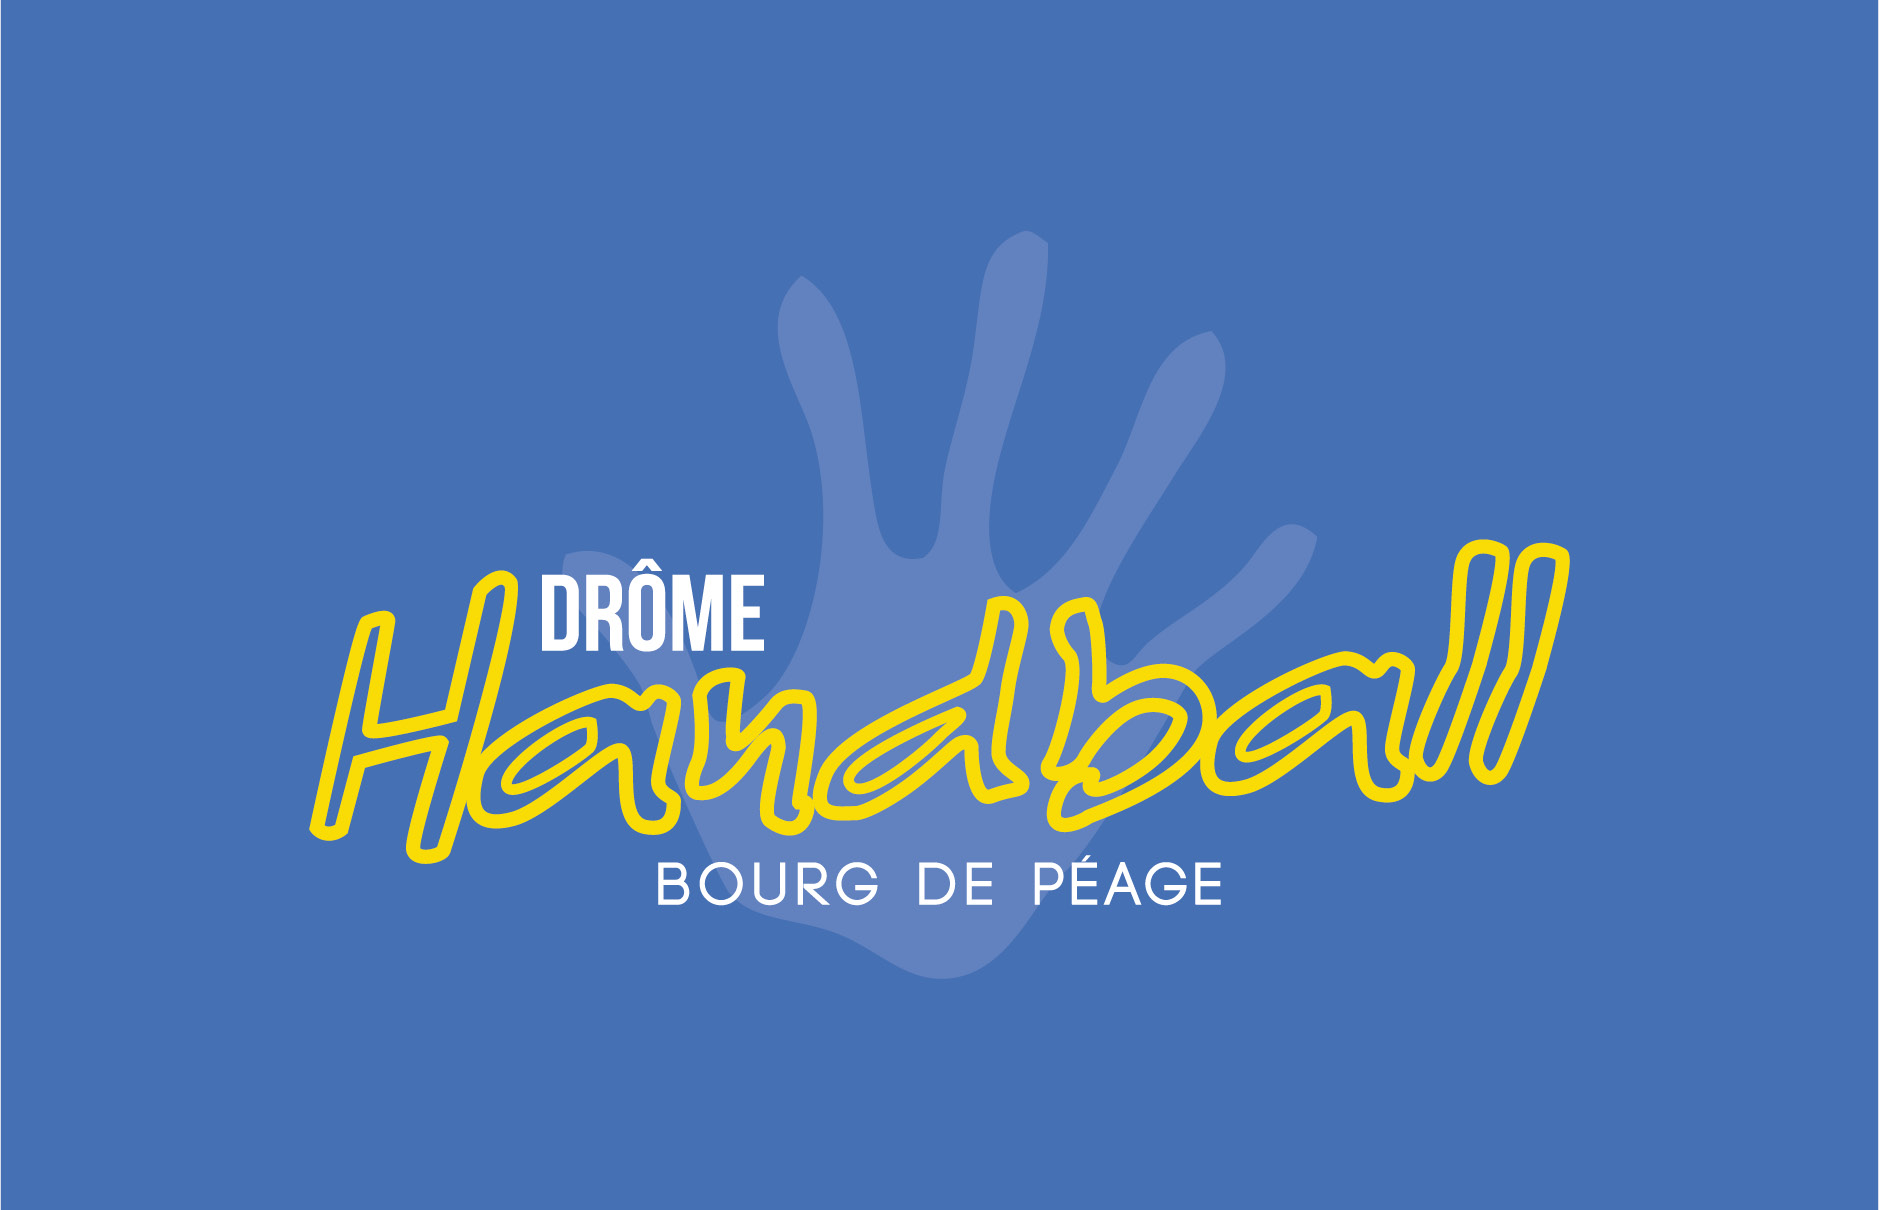 Dr me handball bourg de p age portfolio agence 2c comm for Piscine diabolo a bourg de peage